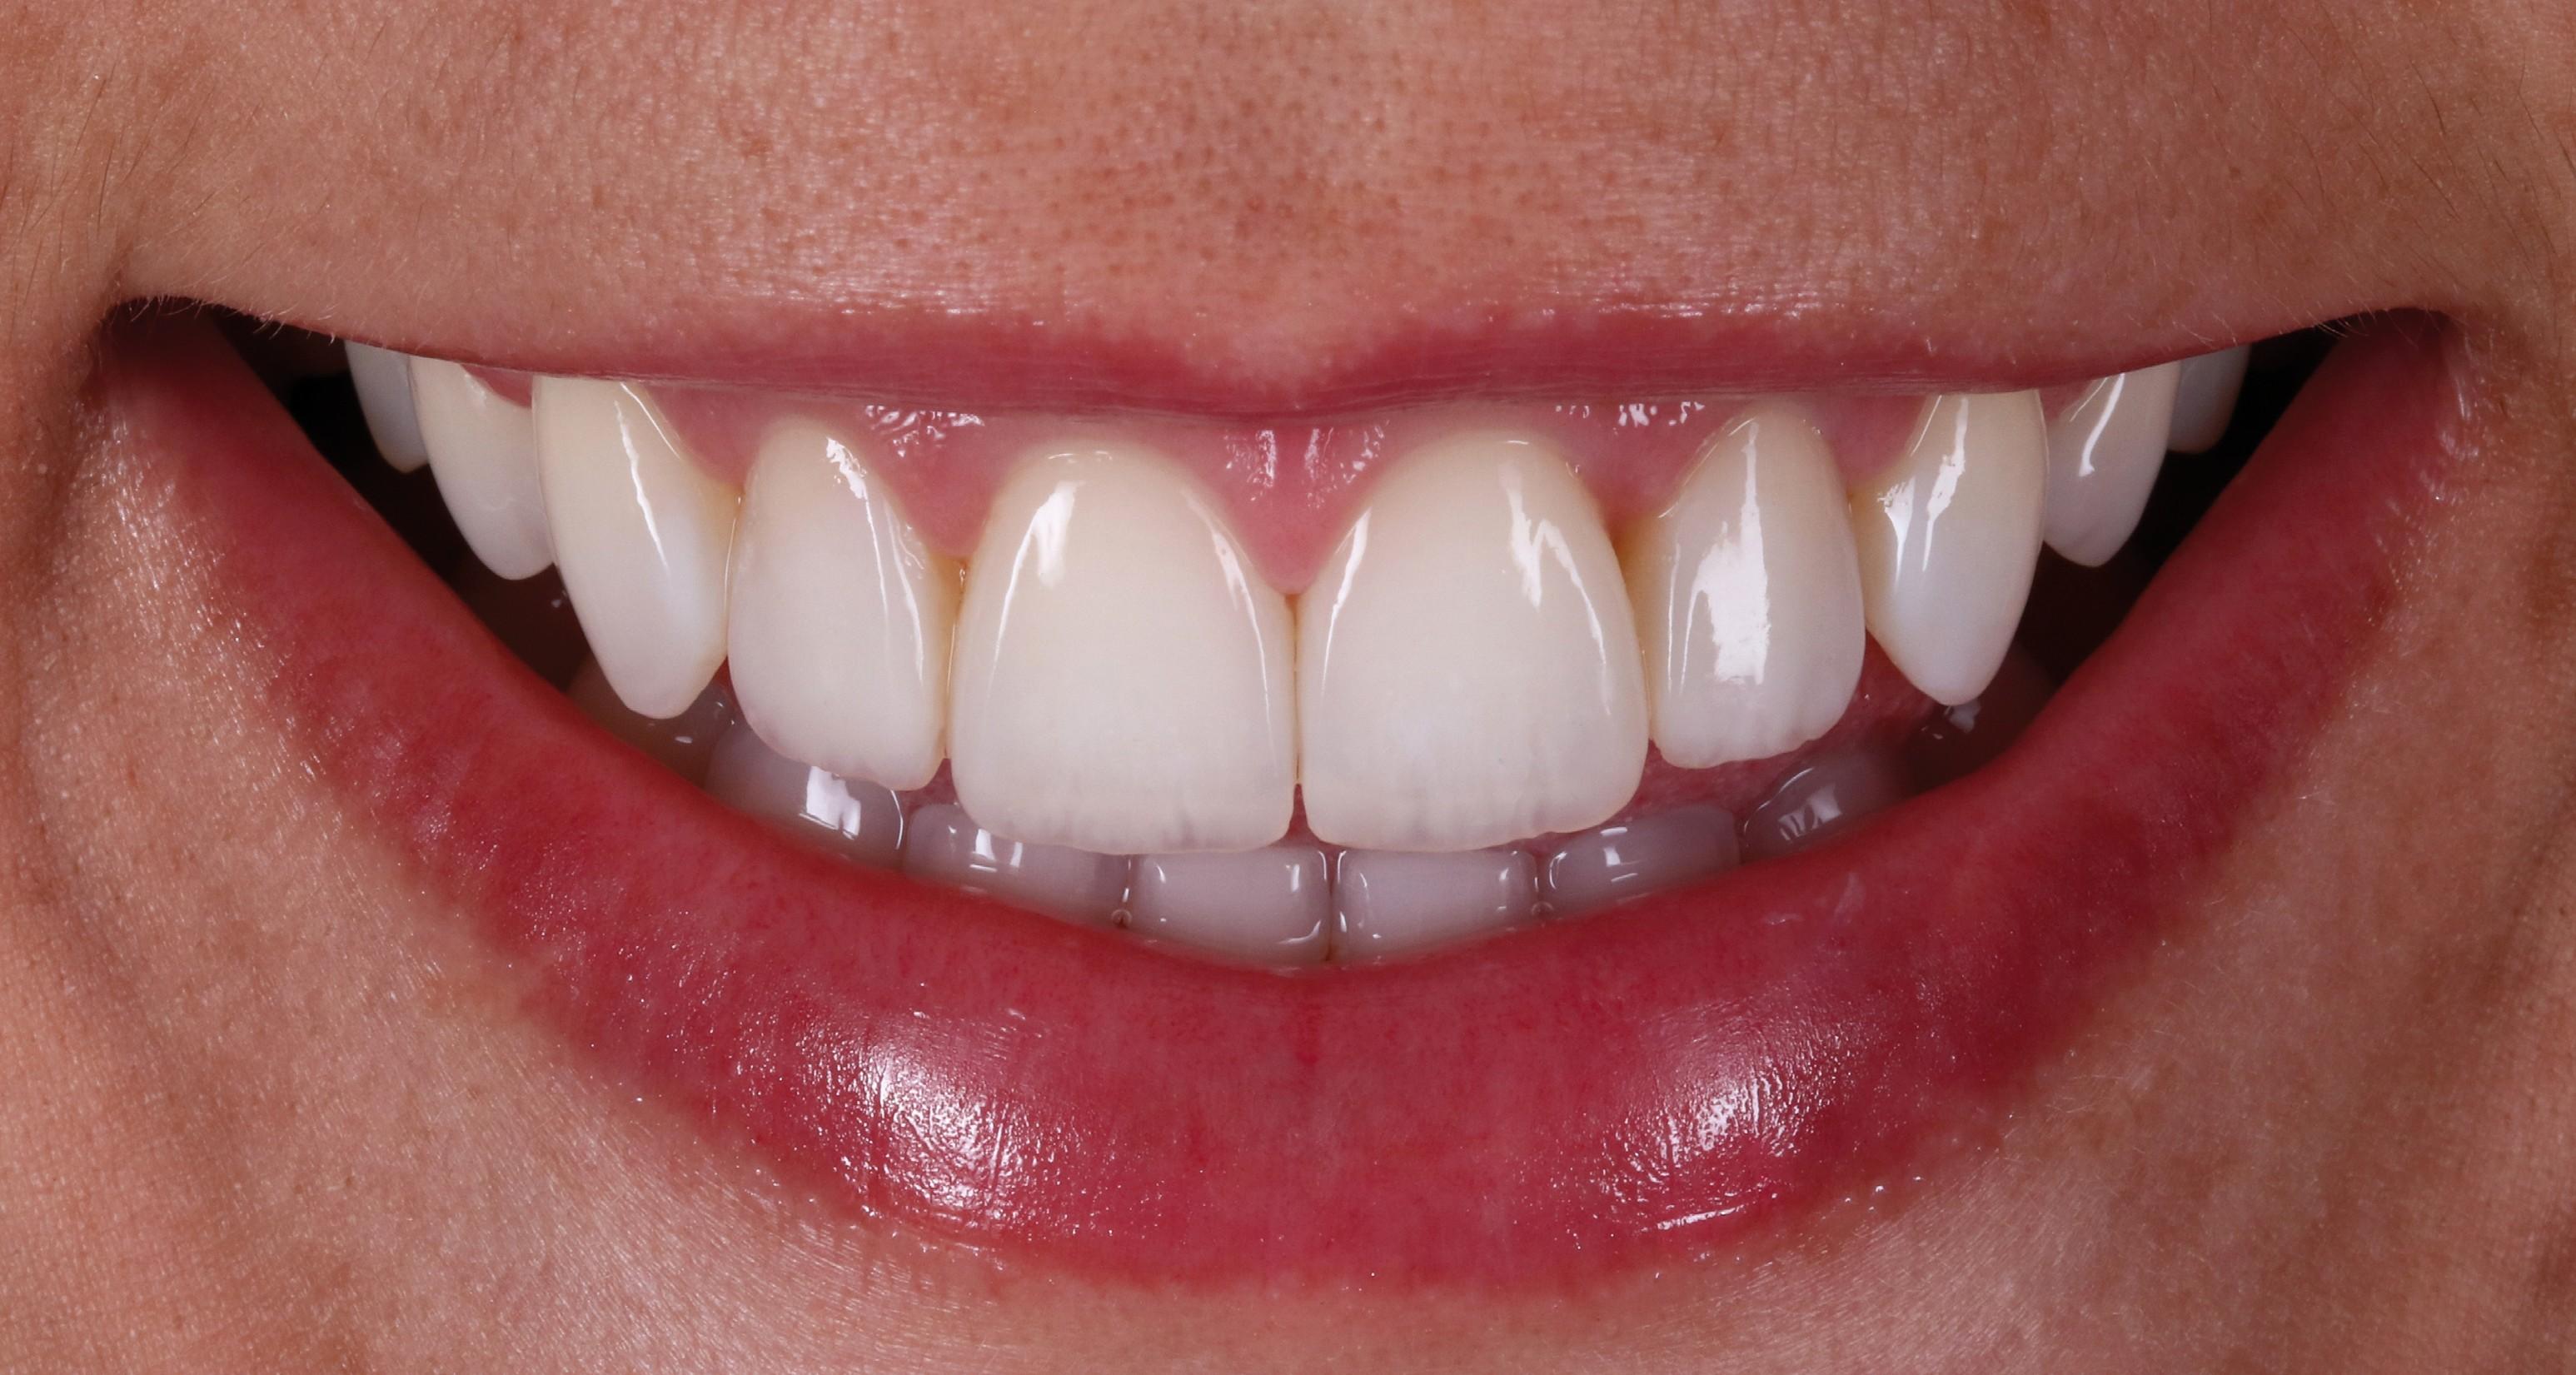 Transformação do sorriso através da reprodução da translucidez e opalescência incisal com compósitos restauradores